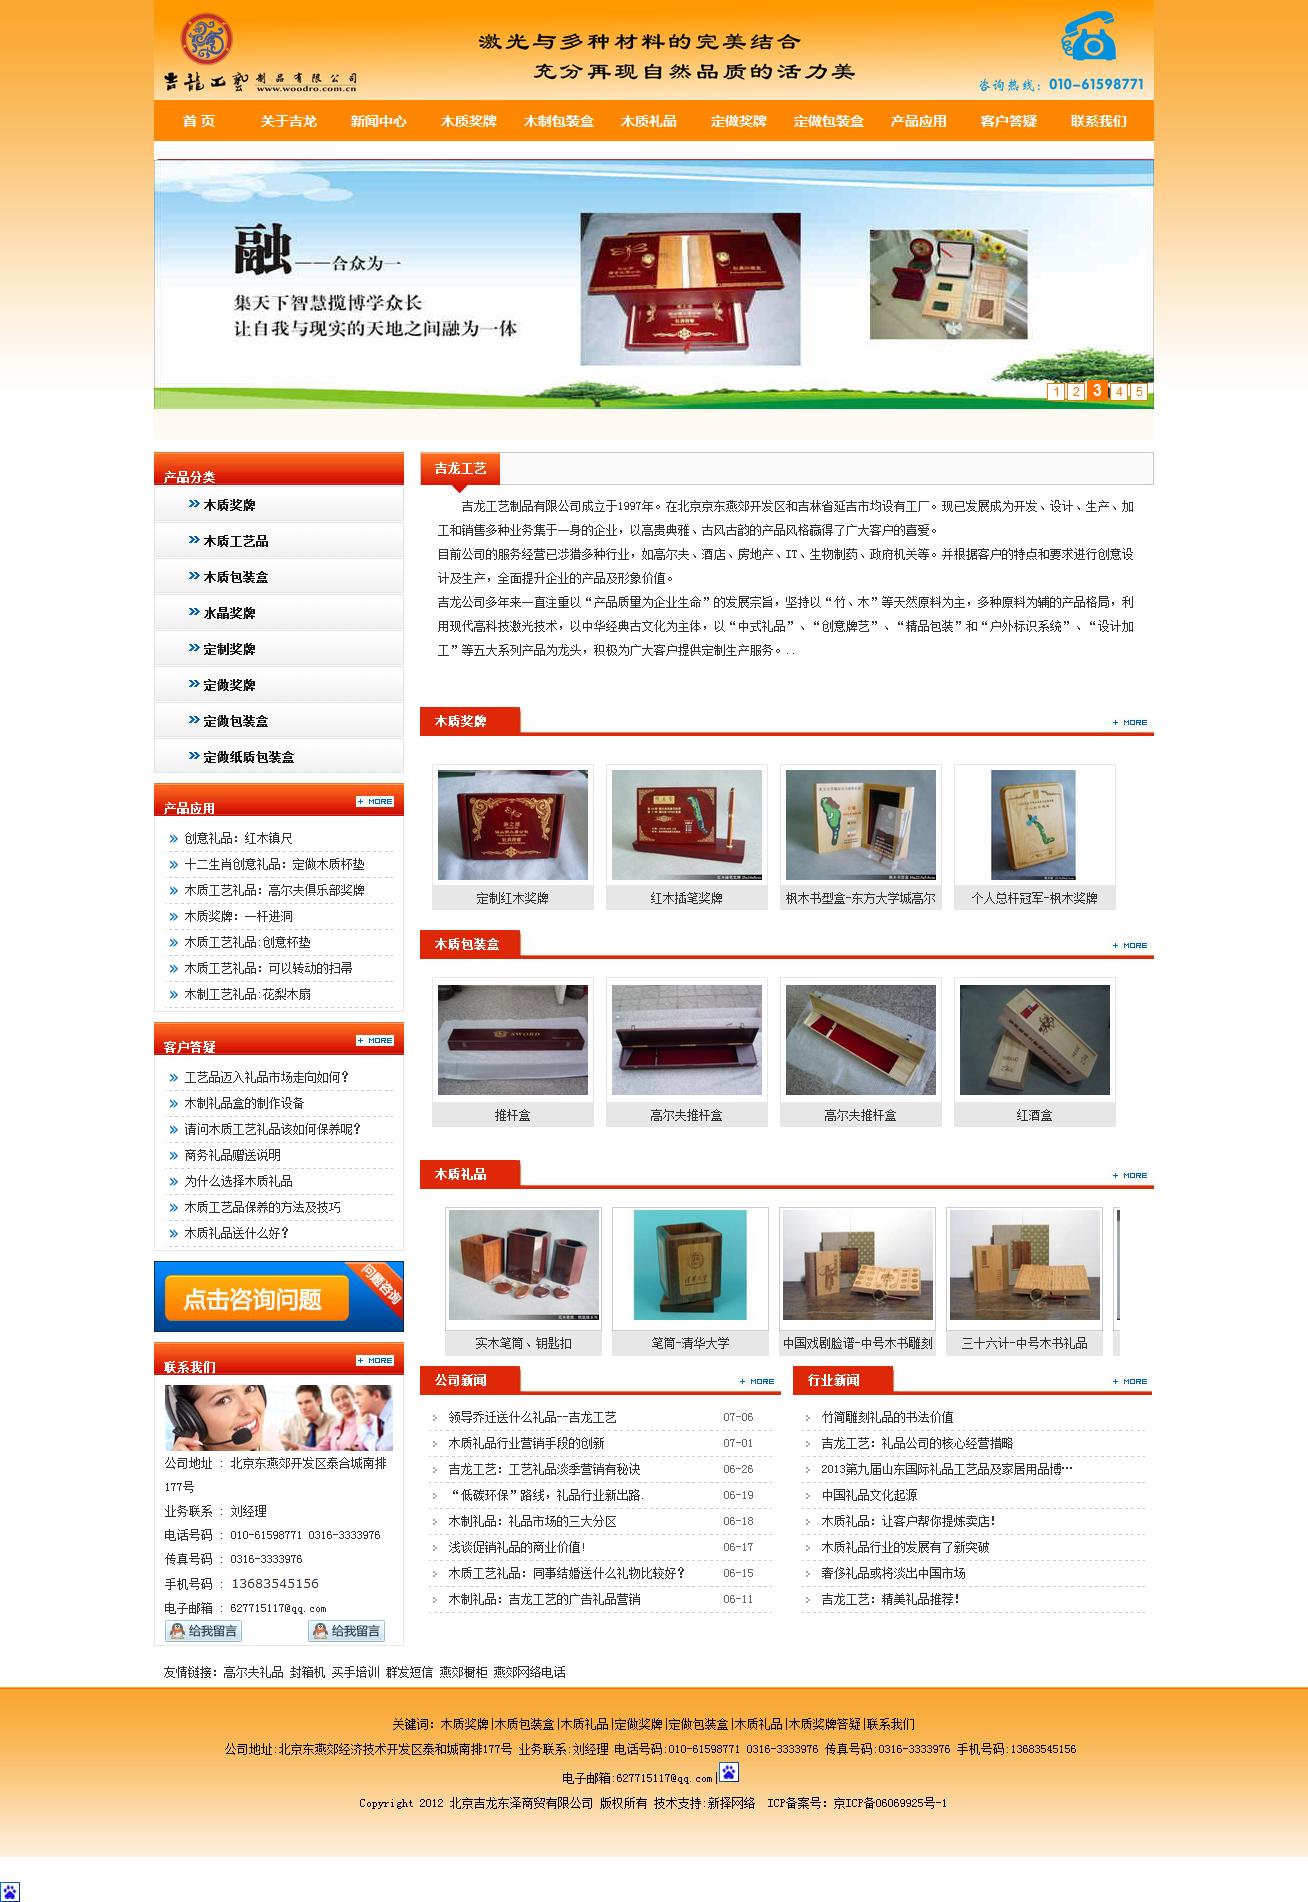 礼品行业网站建设案例